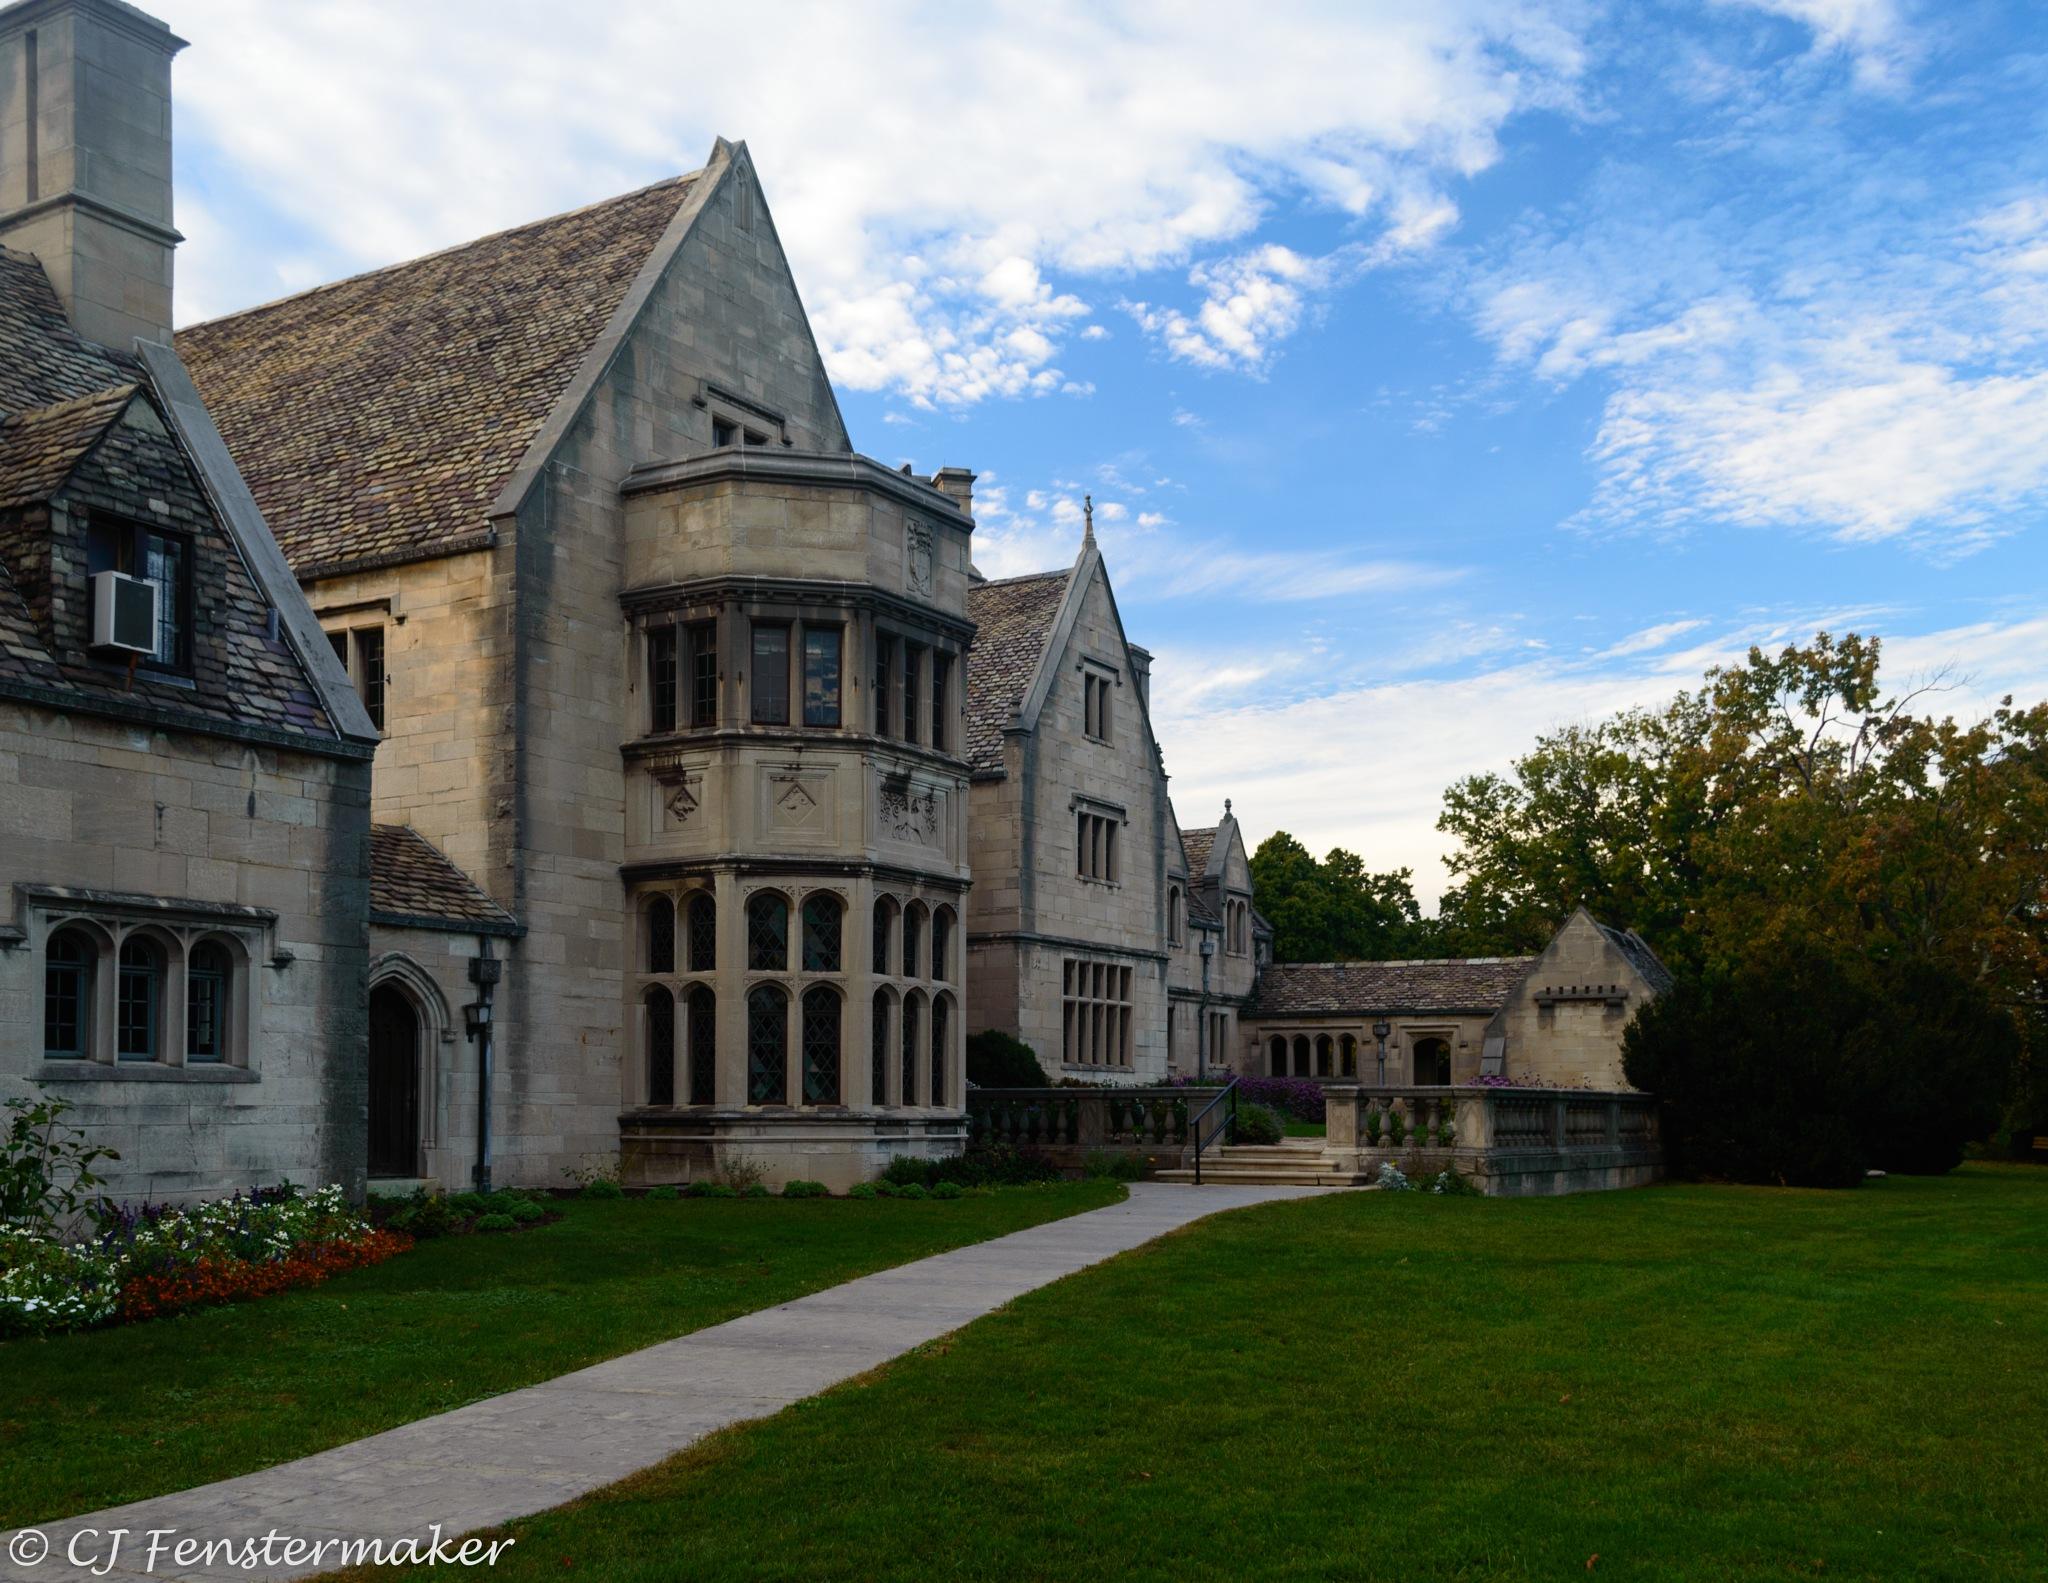 Hartwood Mansion - Veranda by CJ Fenstermaker